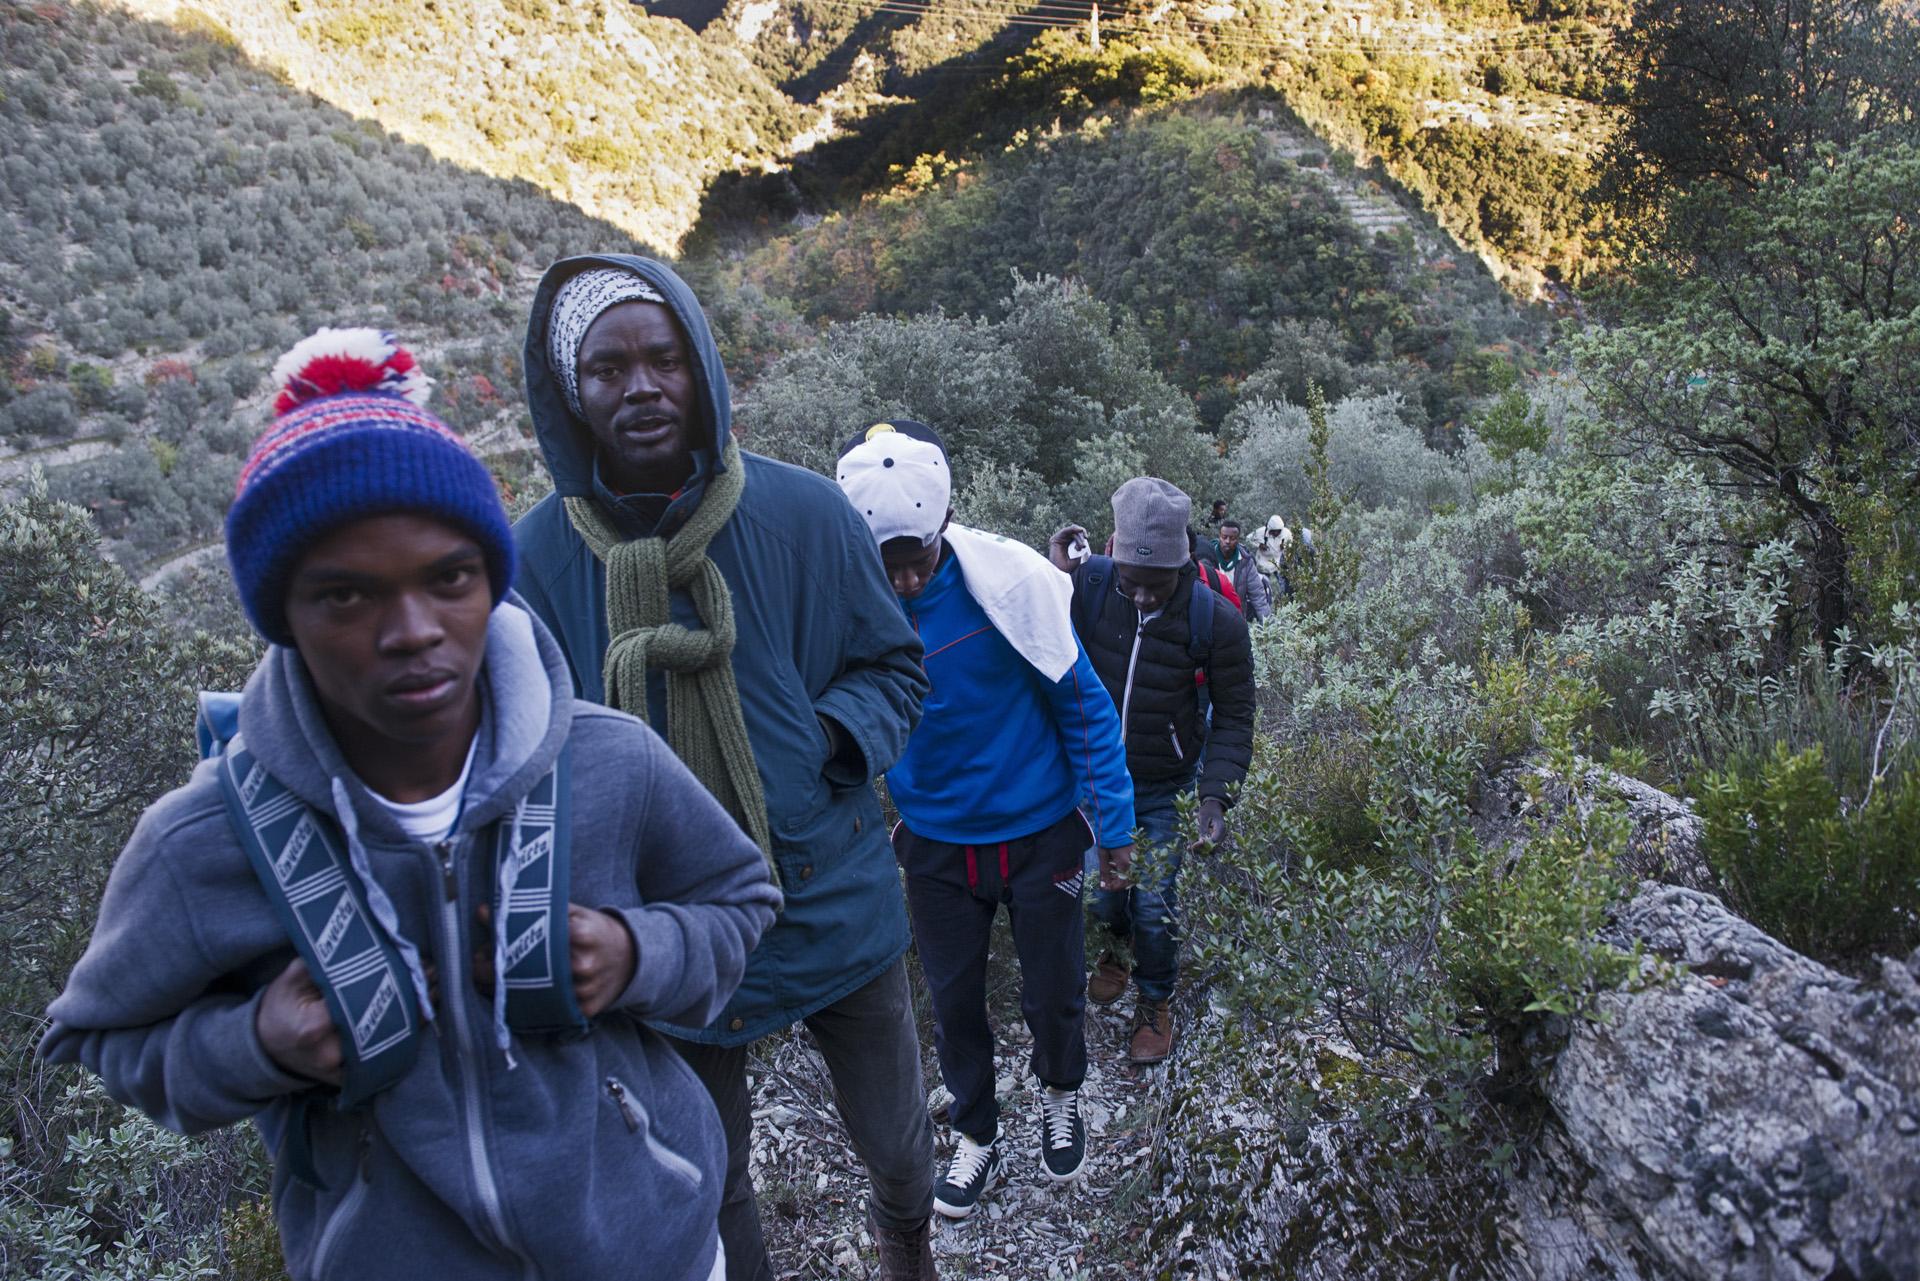 Malgré les patrouilles militaires et au risque de se perdre, certains migrants tentent la traversée de la frontière par la montagne. Si la vallée de la Roya est un point de passage entre l'Italie et la France, elle est aussi un cul de sac. Les migrants qui remontent la vallée vers le nord ne se rendent pas compte qu'en poursuivant ainsi leur route, ils vont se retrouver de nouveau en Italie.